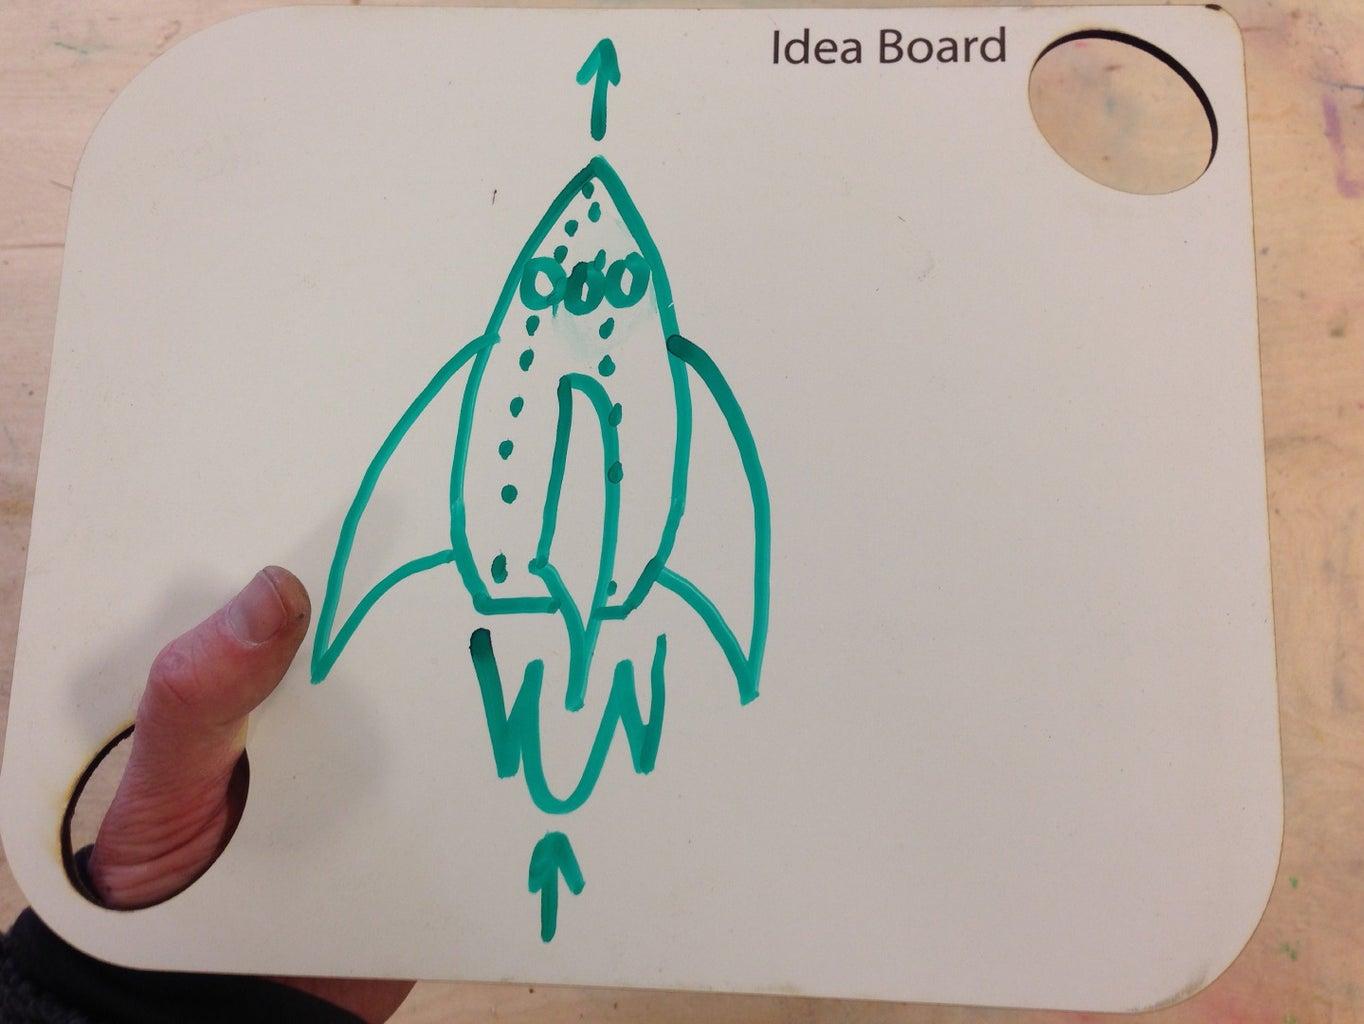 Make an Idea Board